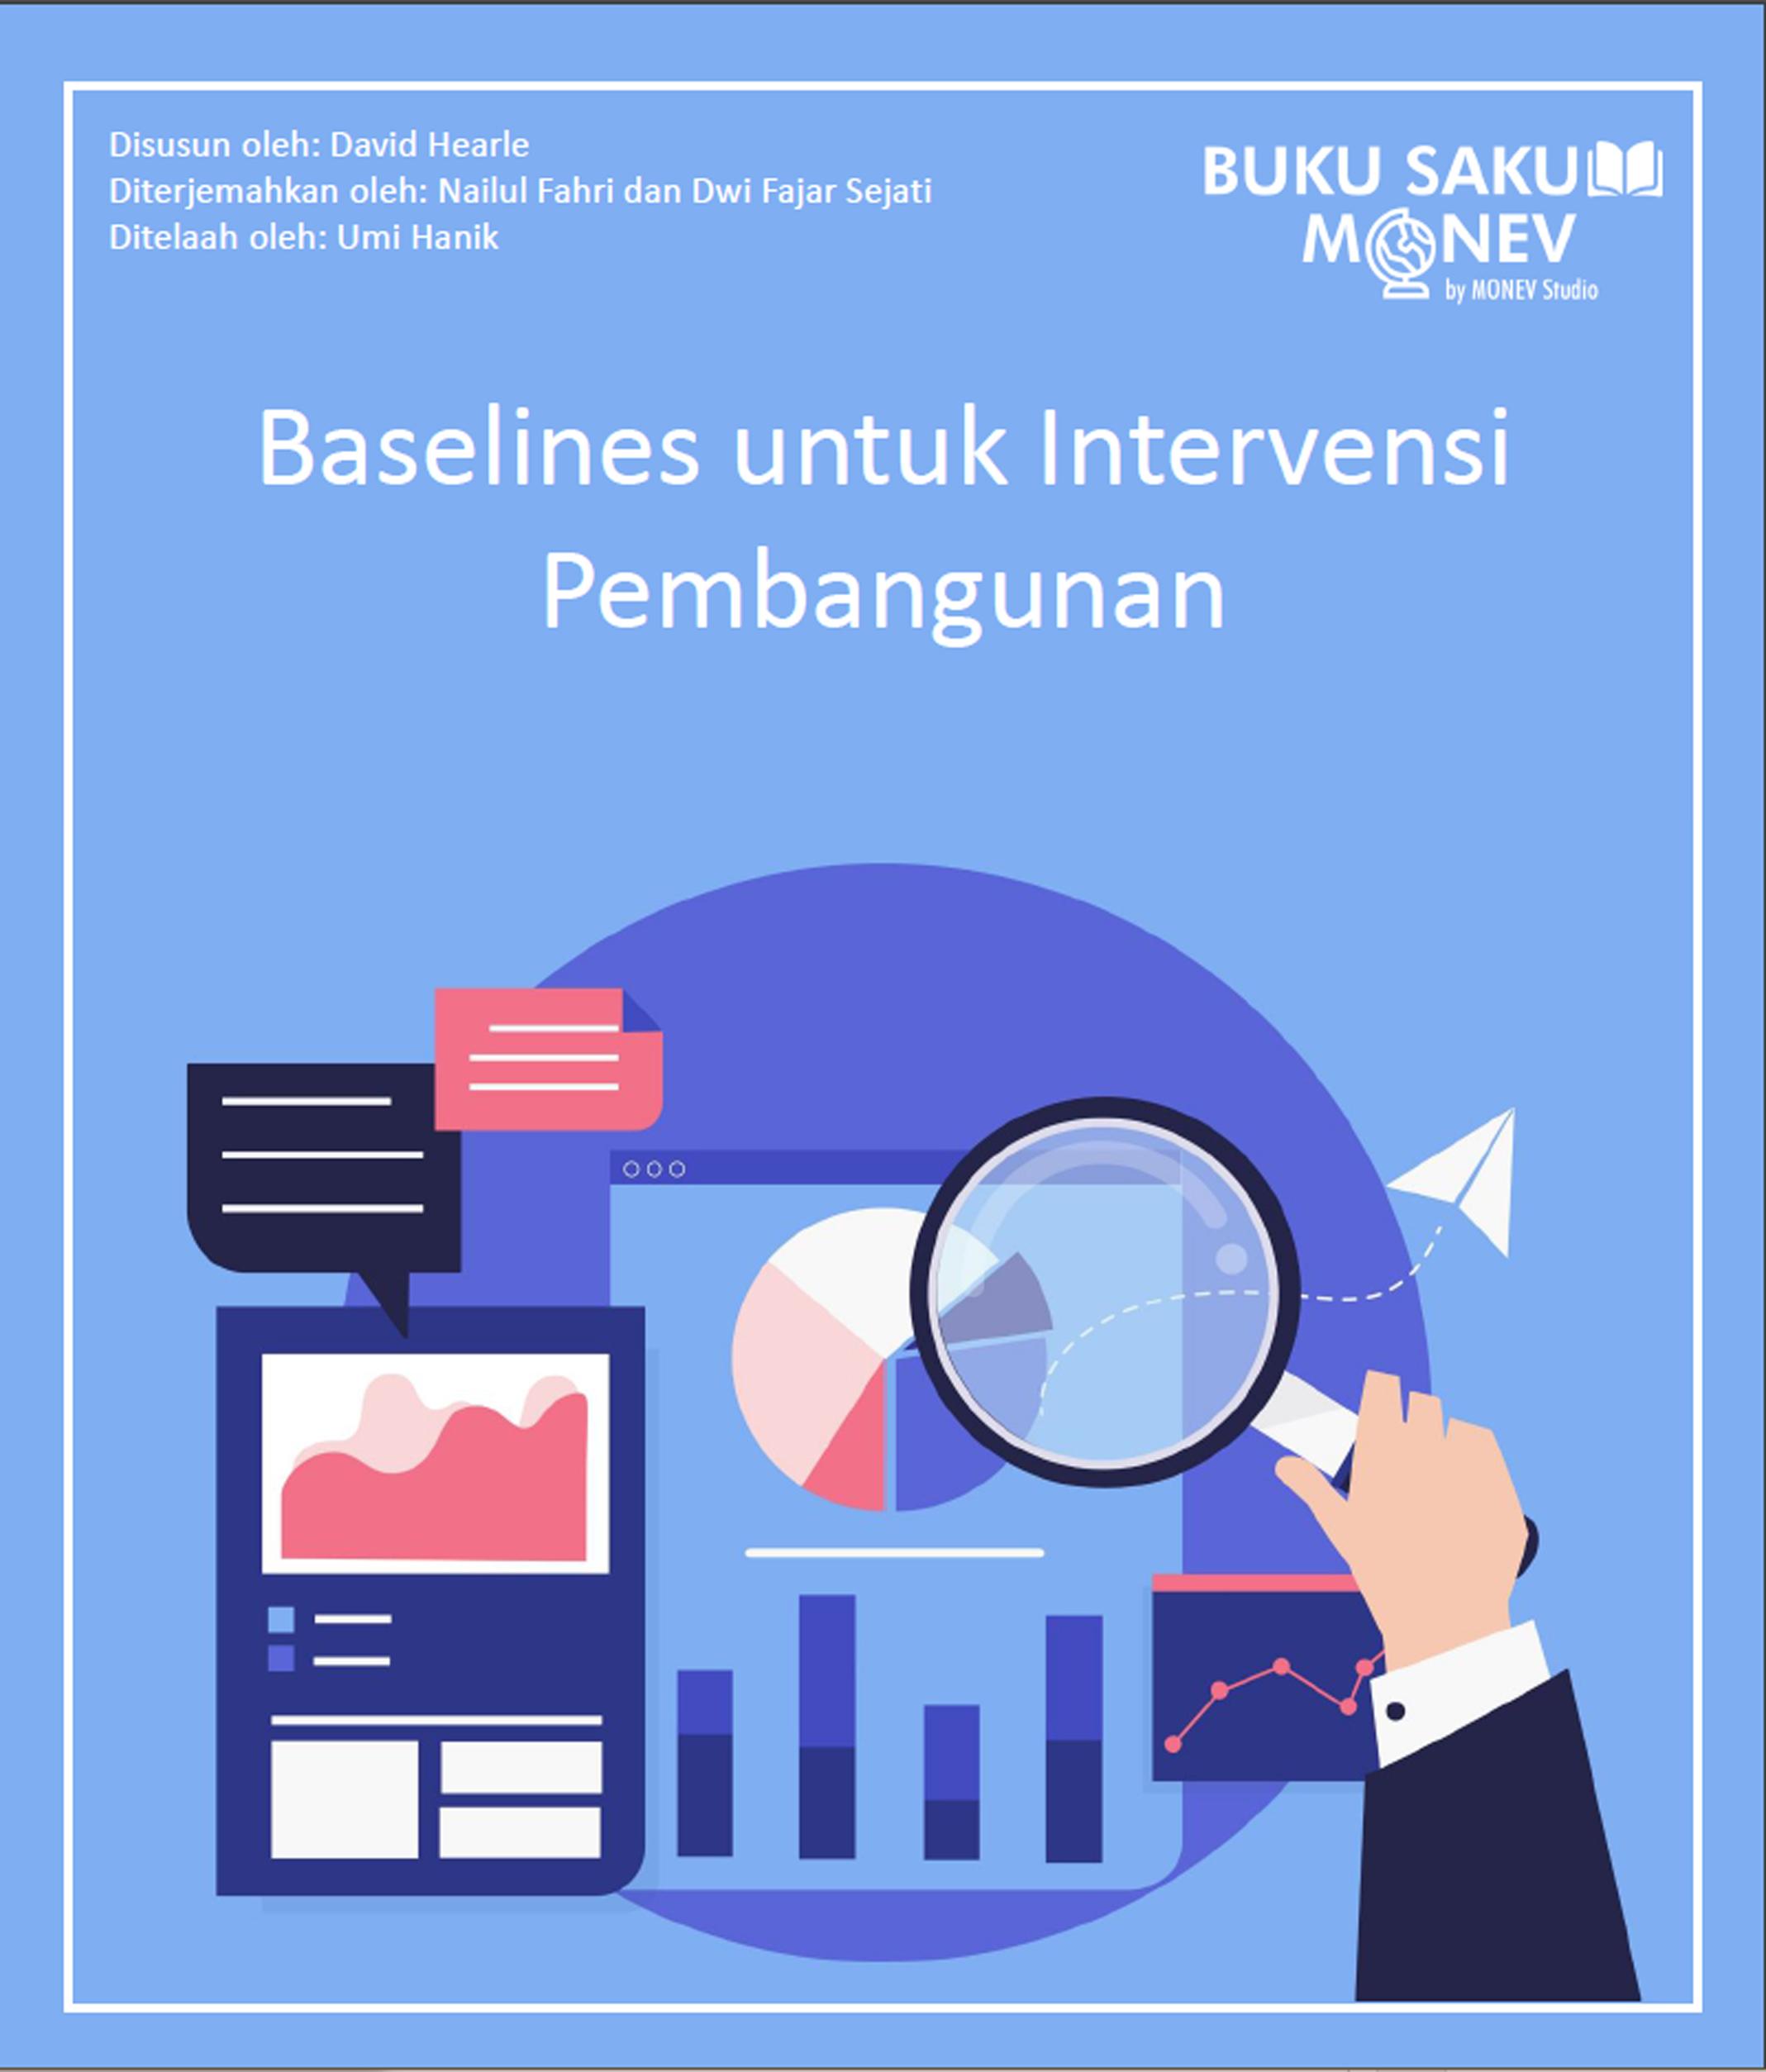 Buku Saku 6   Baseline untuk Intervensi Pembangunan